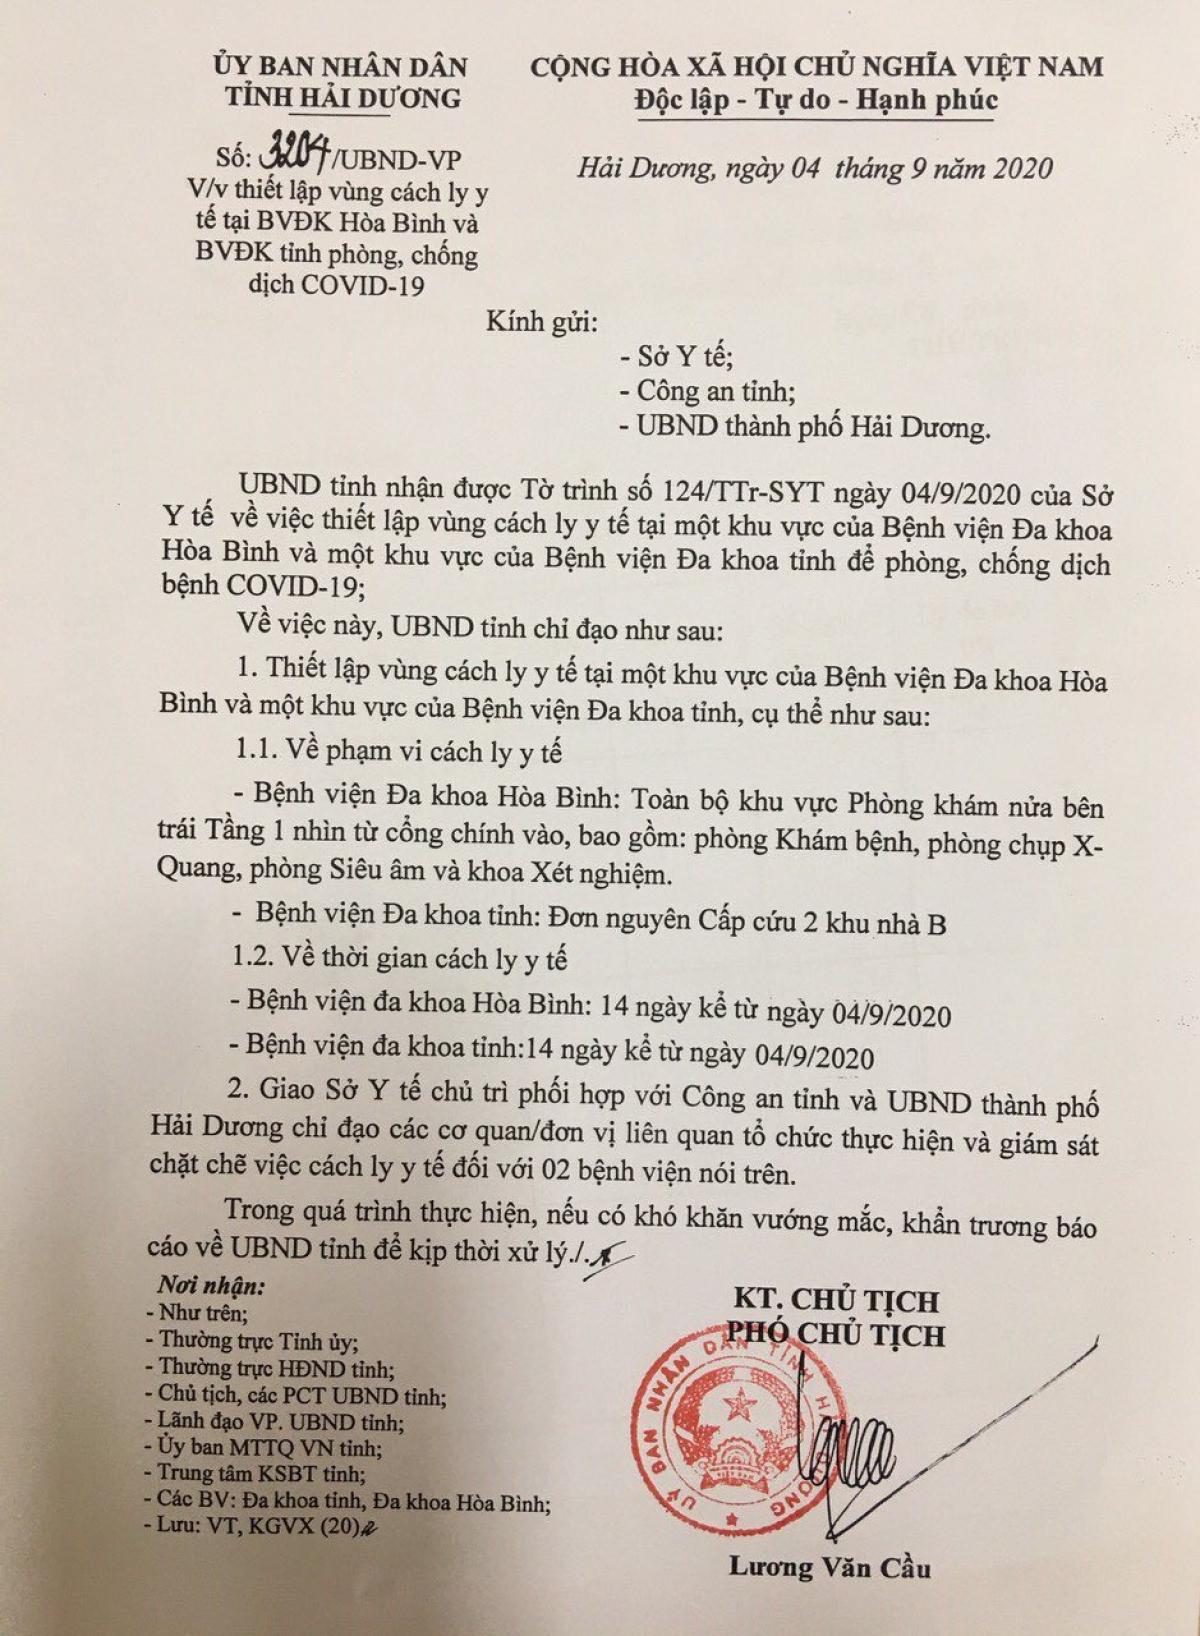 Công văn của UBND tỉnh Hải Dương về việc thiết lập thêm vùng cách ly y tế tại Bệnh viện đa khoa Hoà Bình và Bệnh viện Đa khoa tỉnh.